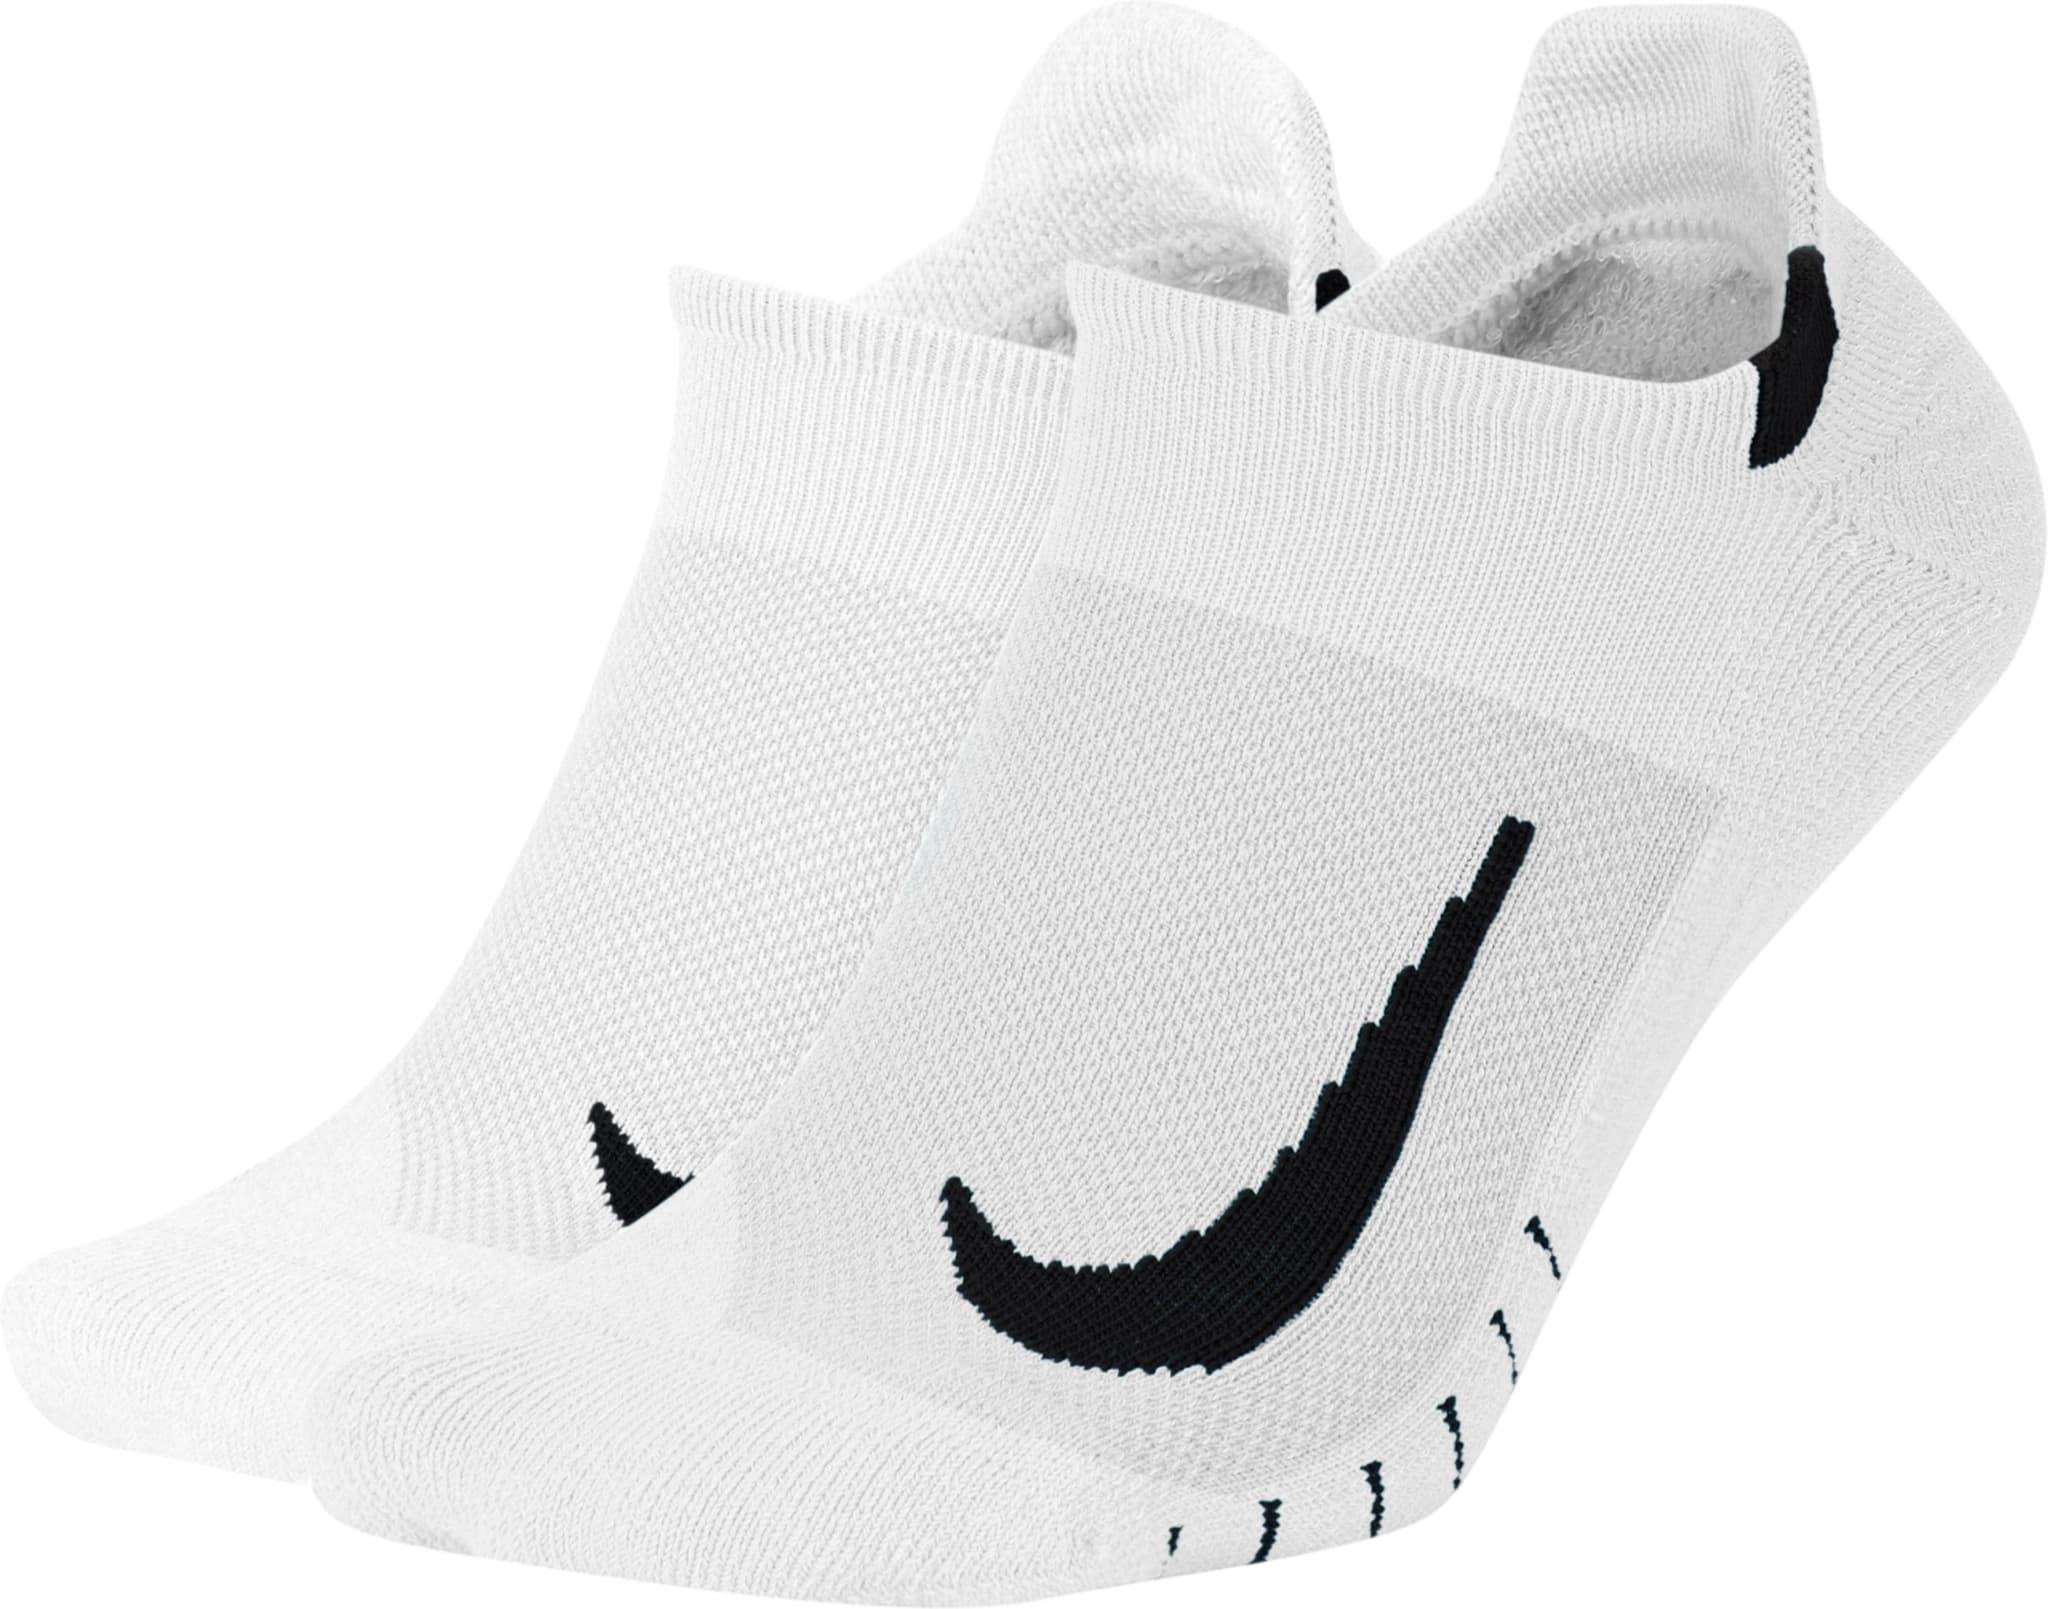 Multiplier Running No-Show Socks